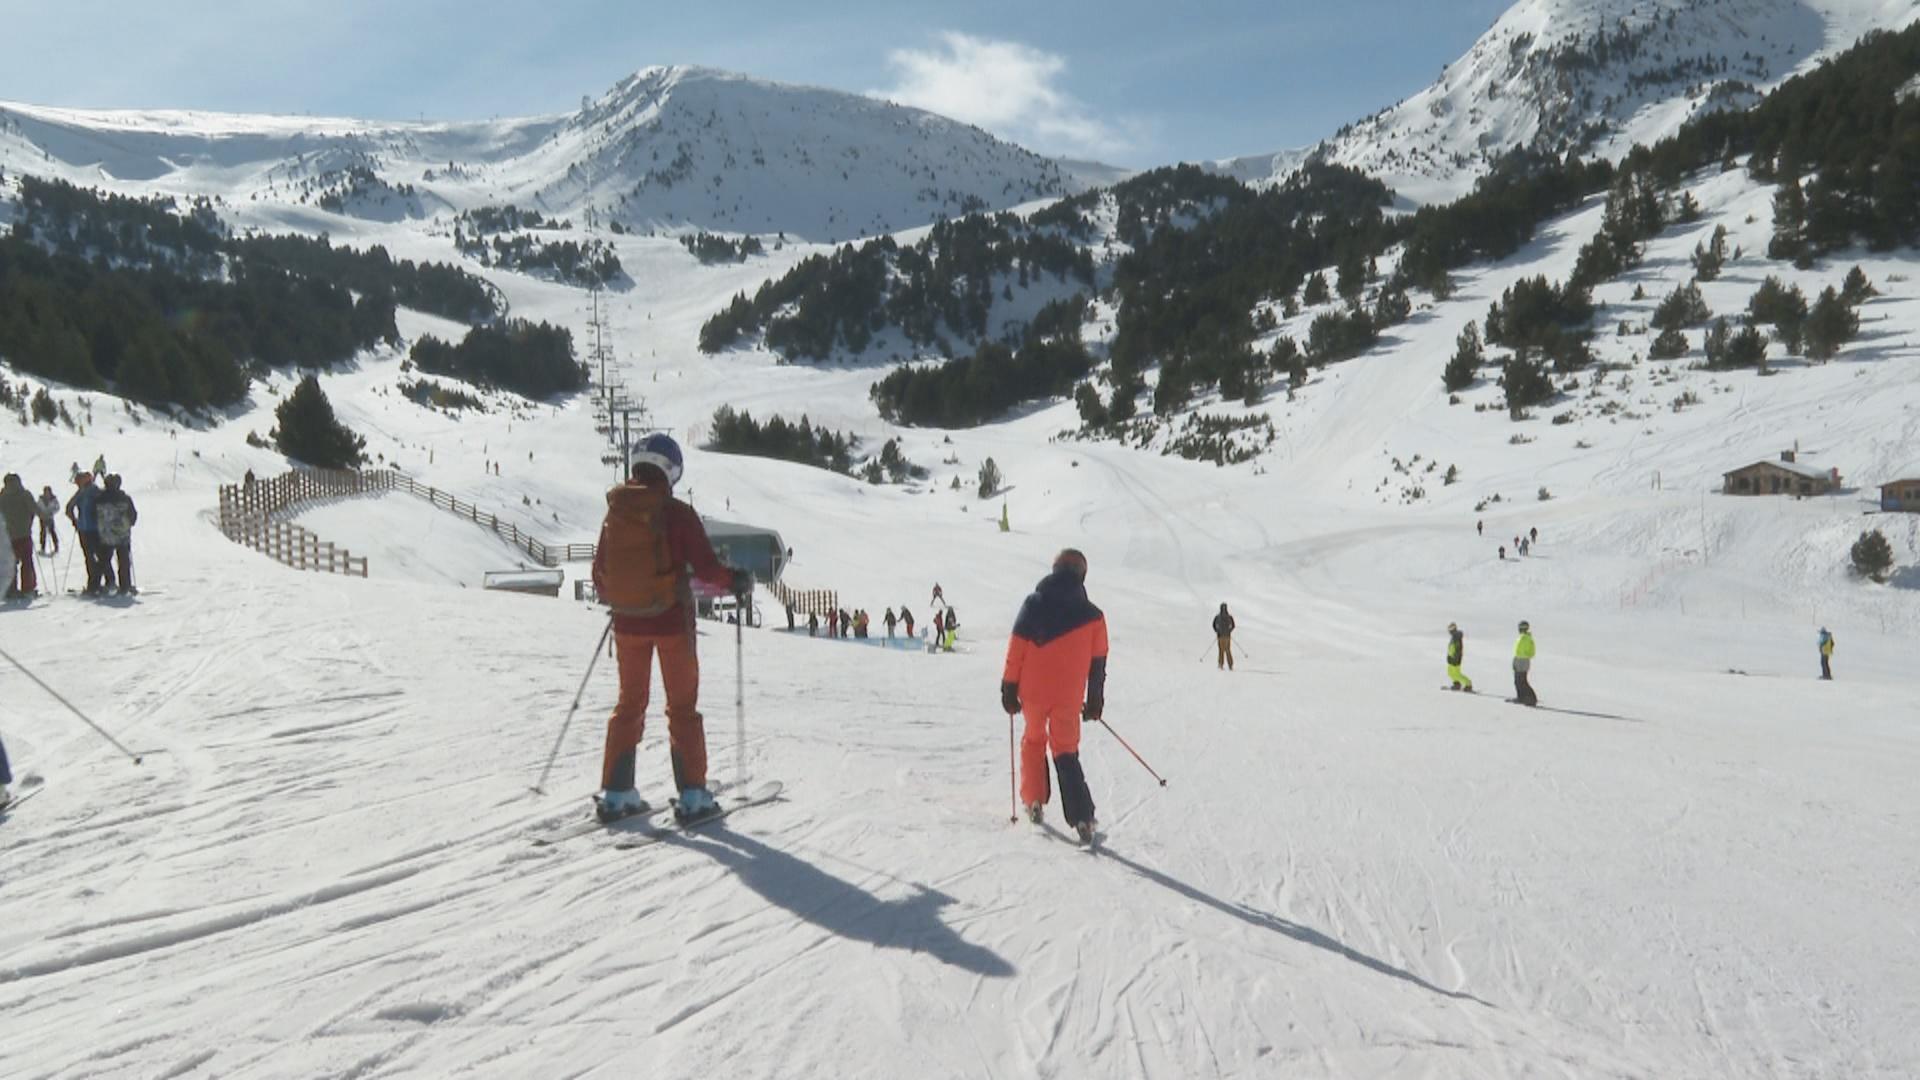 Grandvalira connectarà tots els sectors operatius fins als 135 quilòmetres esquiables i apujarà el forfet a 52 euros per Setmana Santa